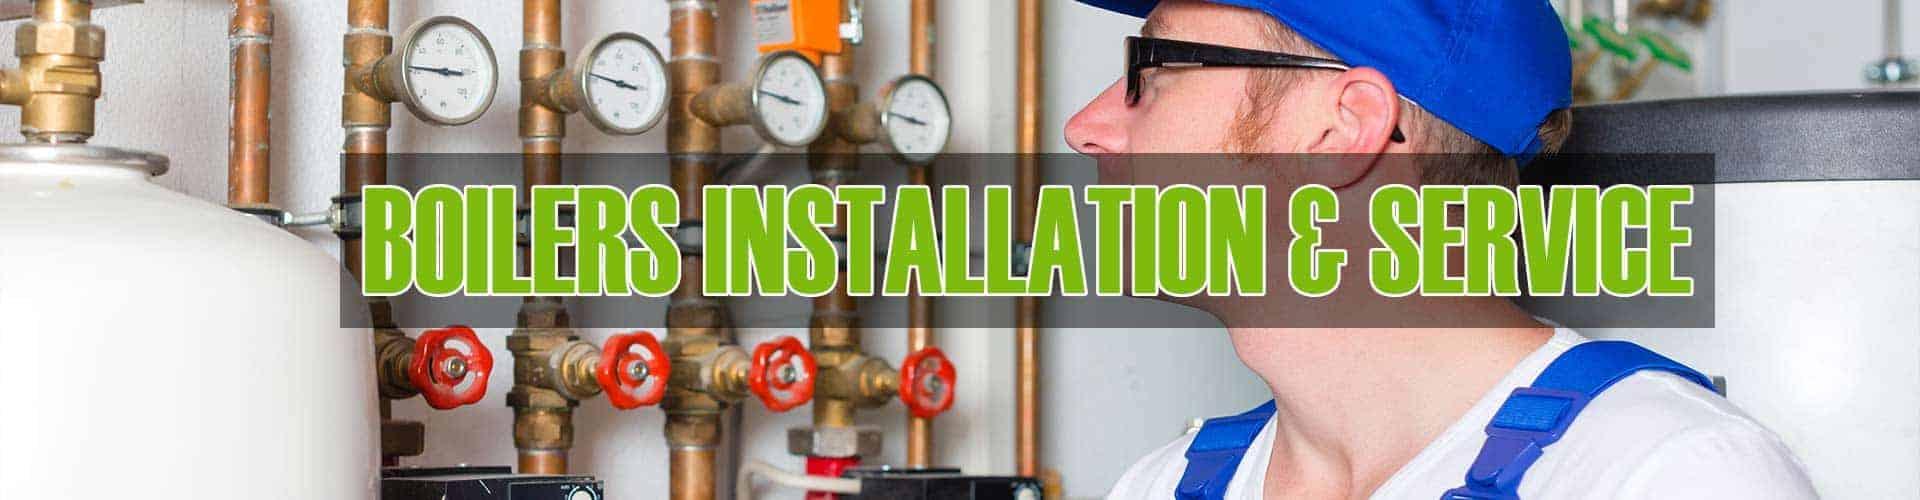 Boilers Installation Boiler Repair and Service in Elgin Illinois